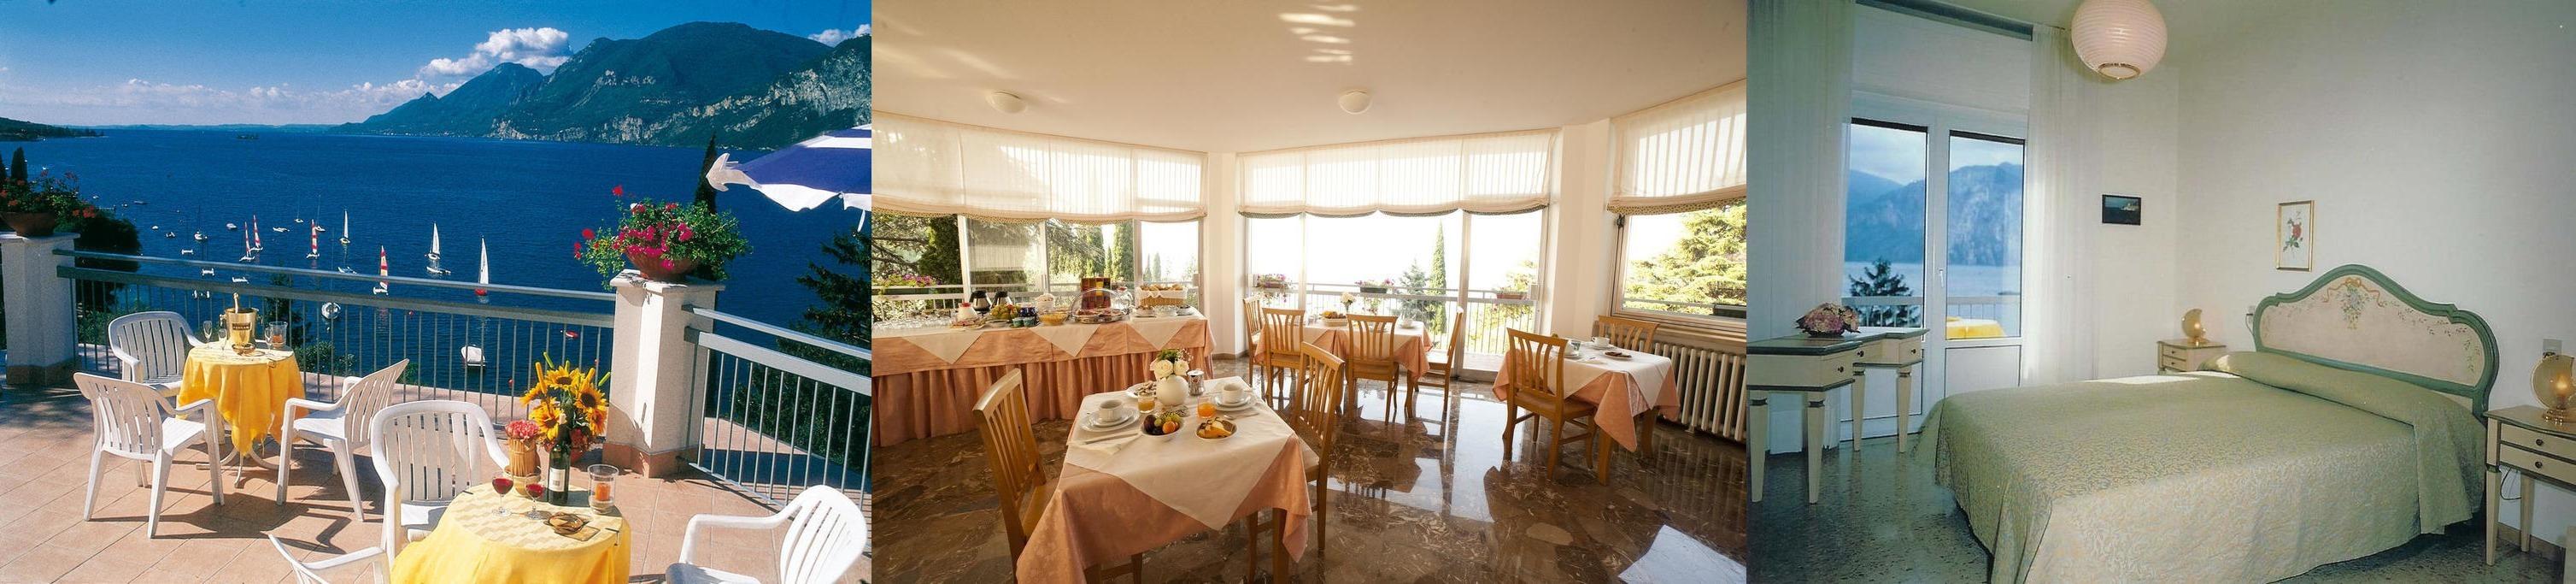 Hotel Villa Orizzonte